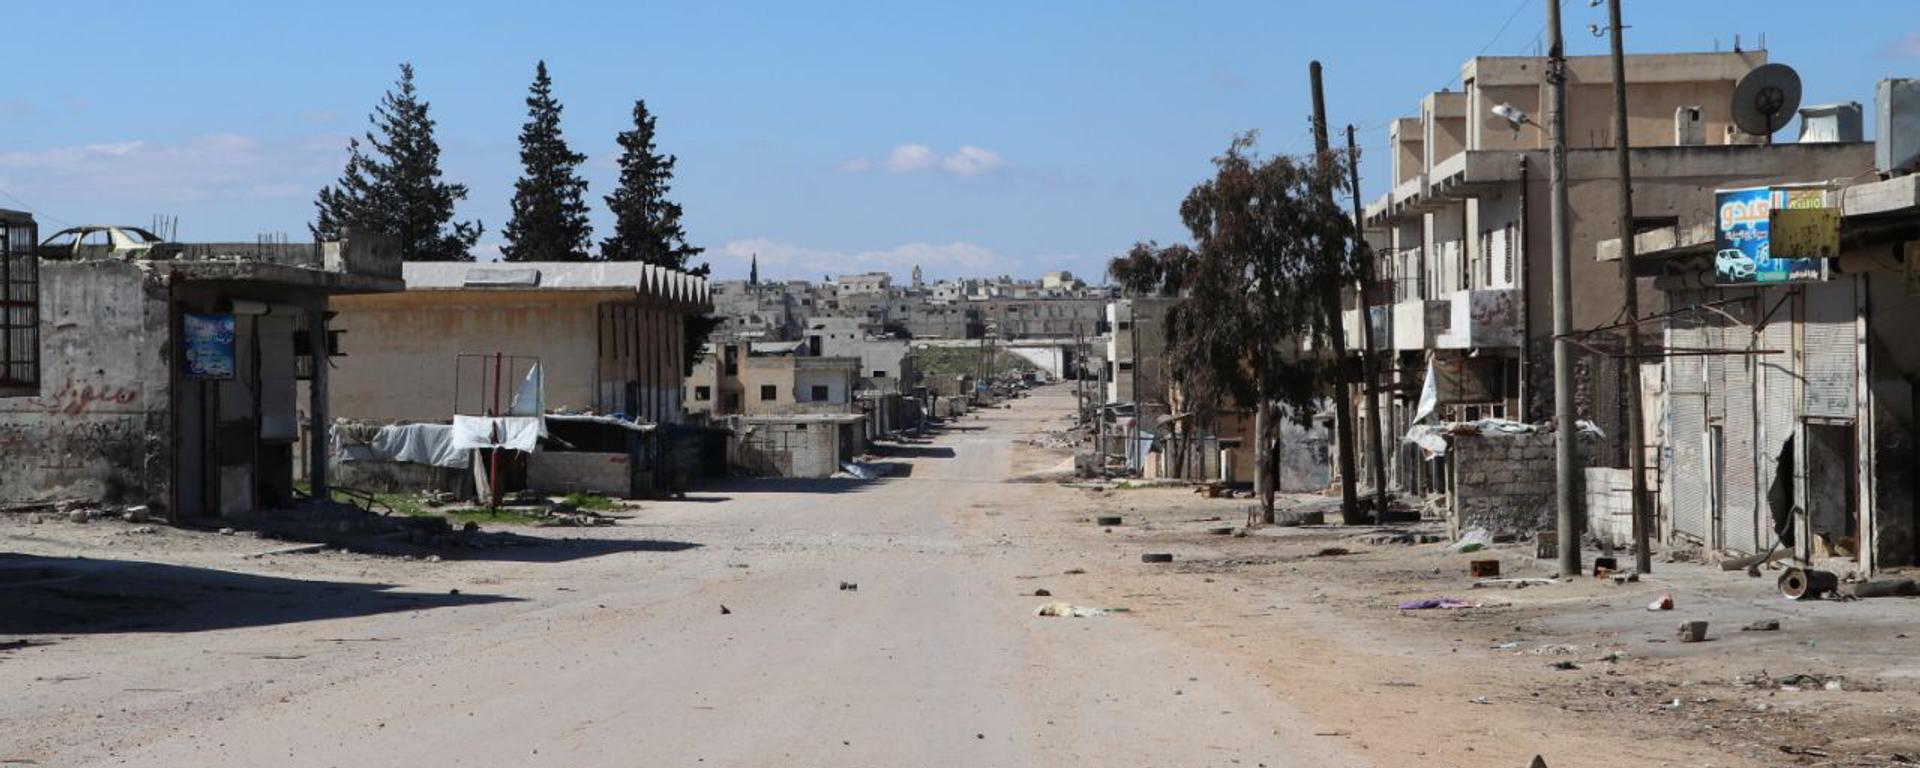 La ciudad siria de Saraqib - Sputnik Mundo, 1920, 12.04.2021